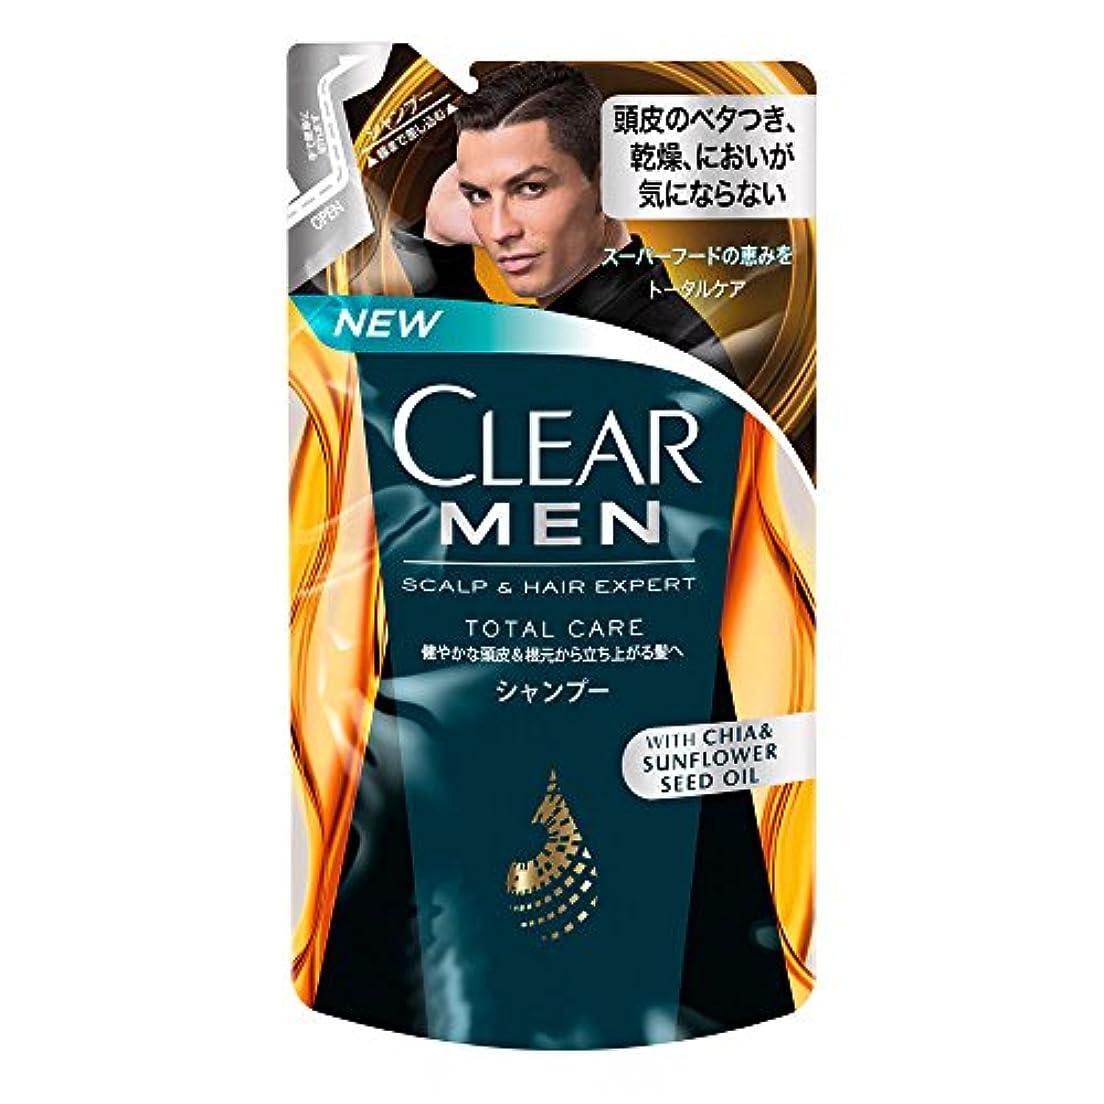 クライアントキモい領事館クリア フォーメン トータルケア 男性用シャンプー つめかえ用 (健やかな頭皮へ) 280g